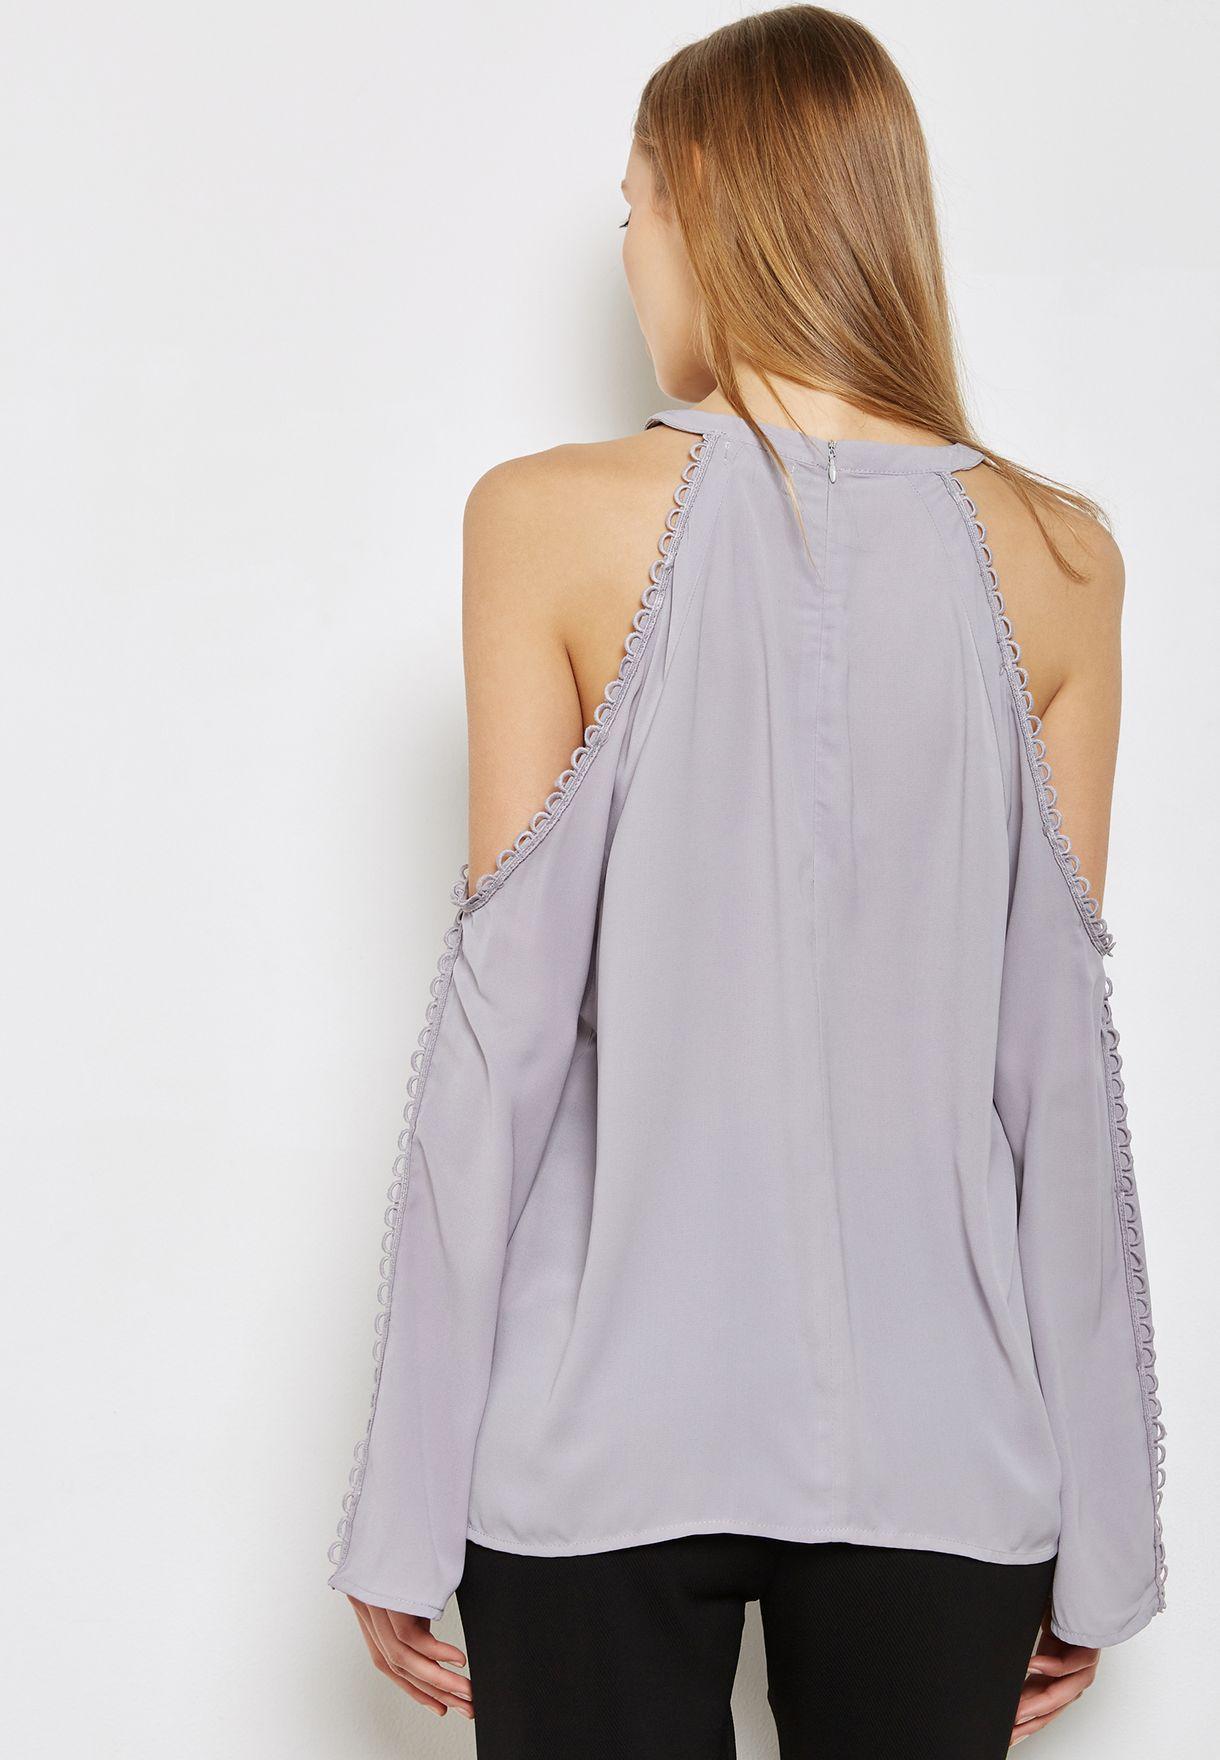 Lace Trim Cold Shoulder Top